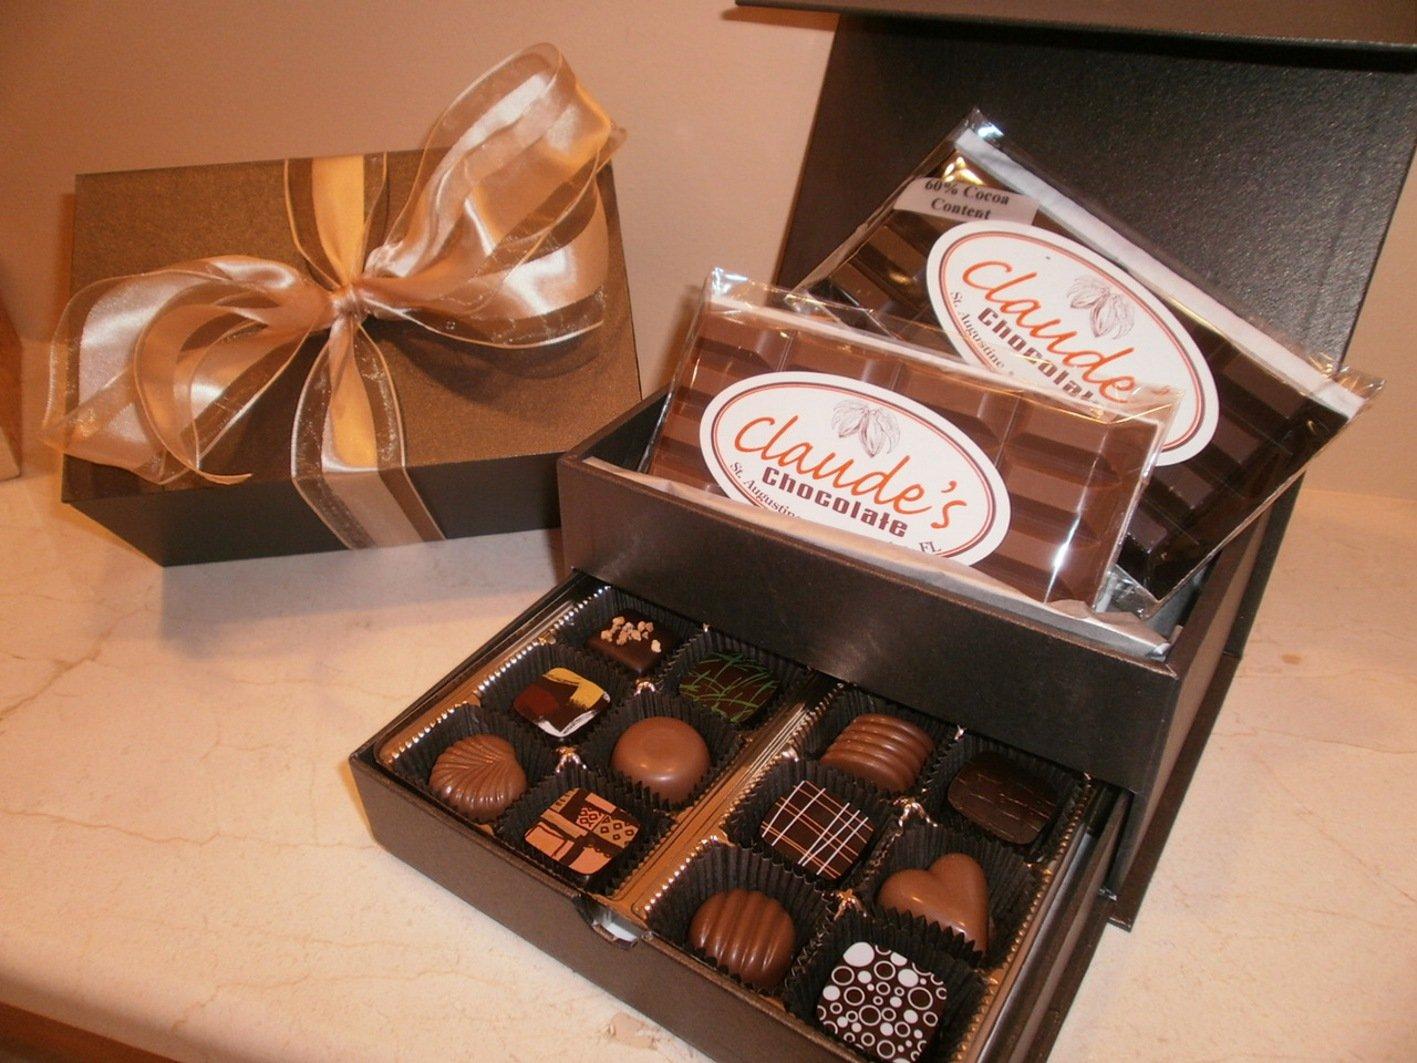 रिश्तों को प्रगाढ़ करने के लिए चॉकलेट गिफ्ट का बढ़ रहा है प्रचलन